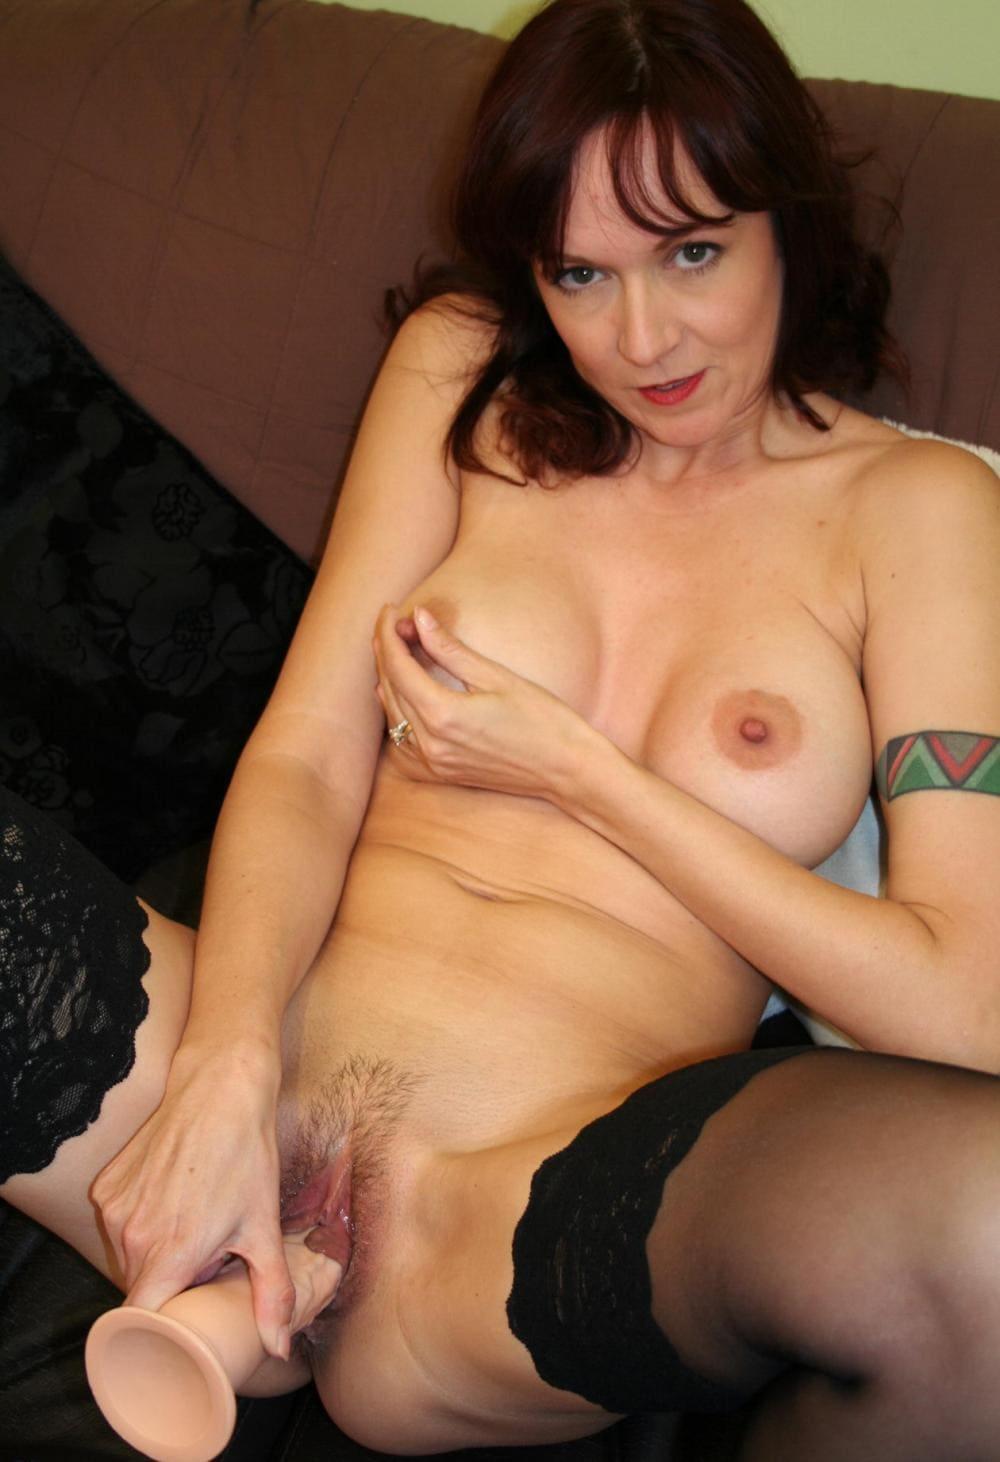 зрелая в чулках мастурбирует полусидя на диване широко раздвинув ноги ласкает левой рукой, с татуировкой на предплечье в виде браслета, сиськи, а правой держит фаллоимитатор и трахает себя, интимная стрижка на пизде